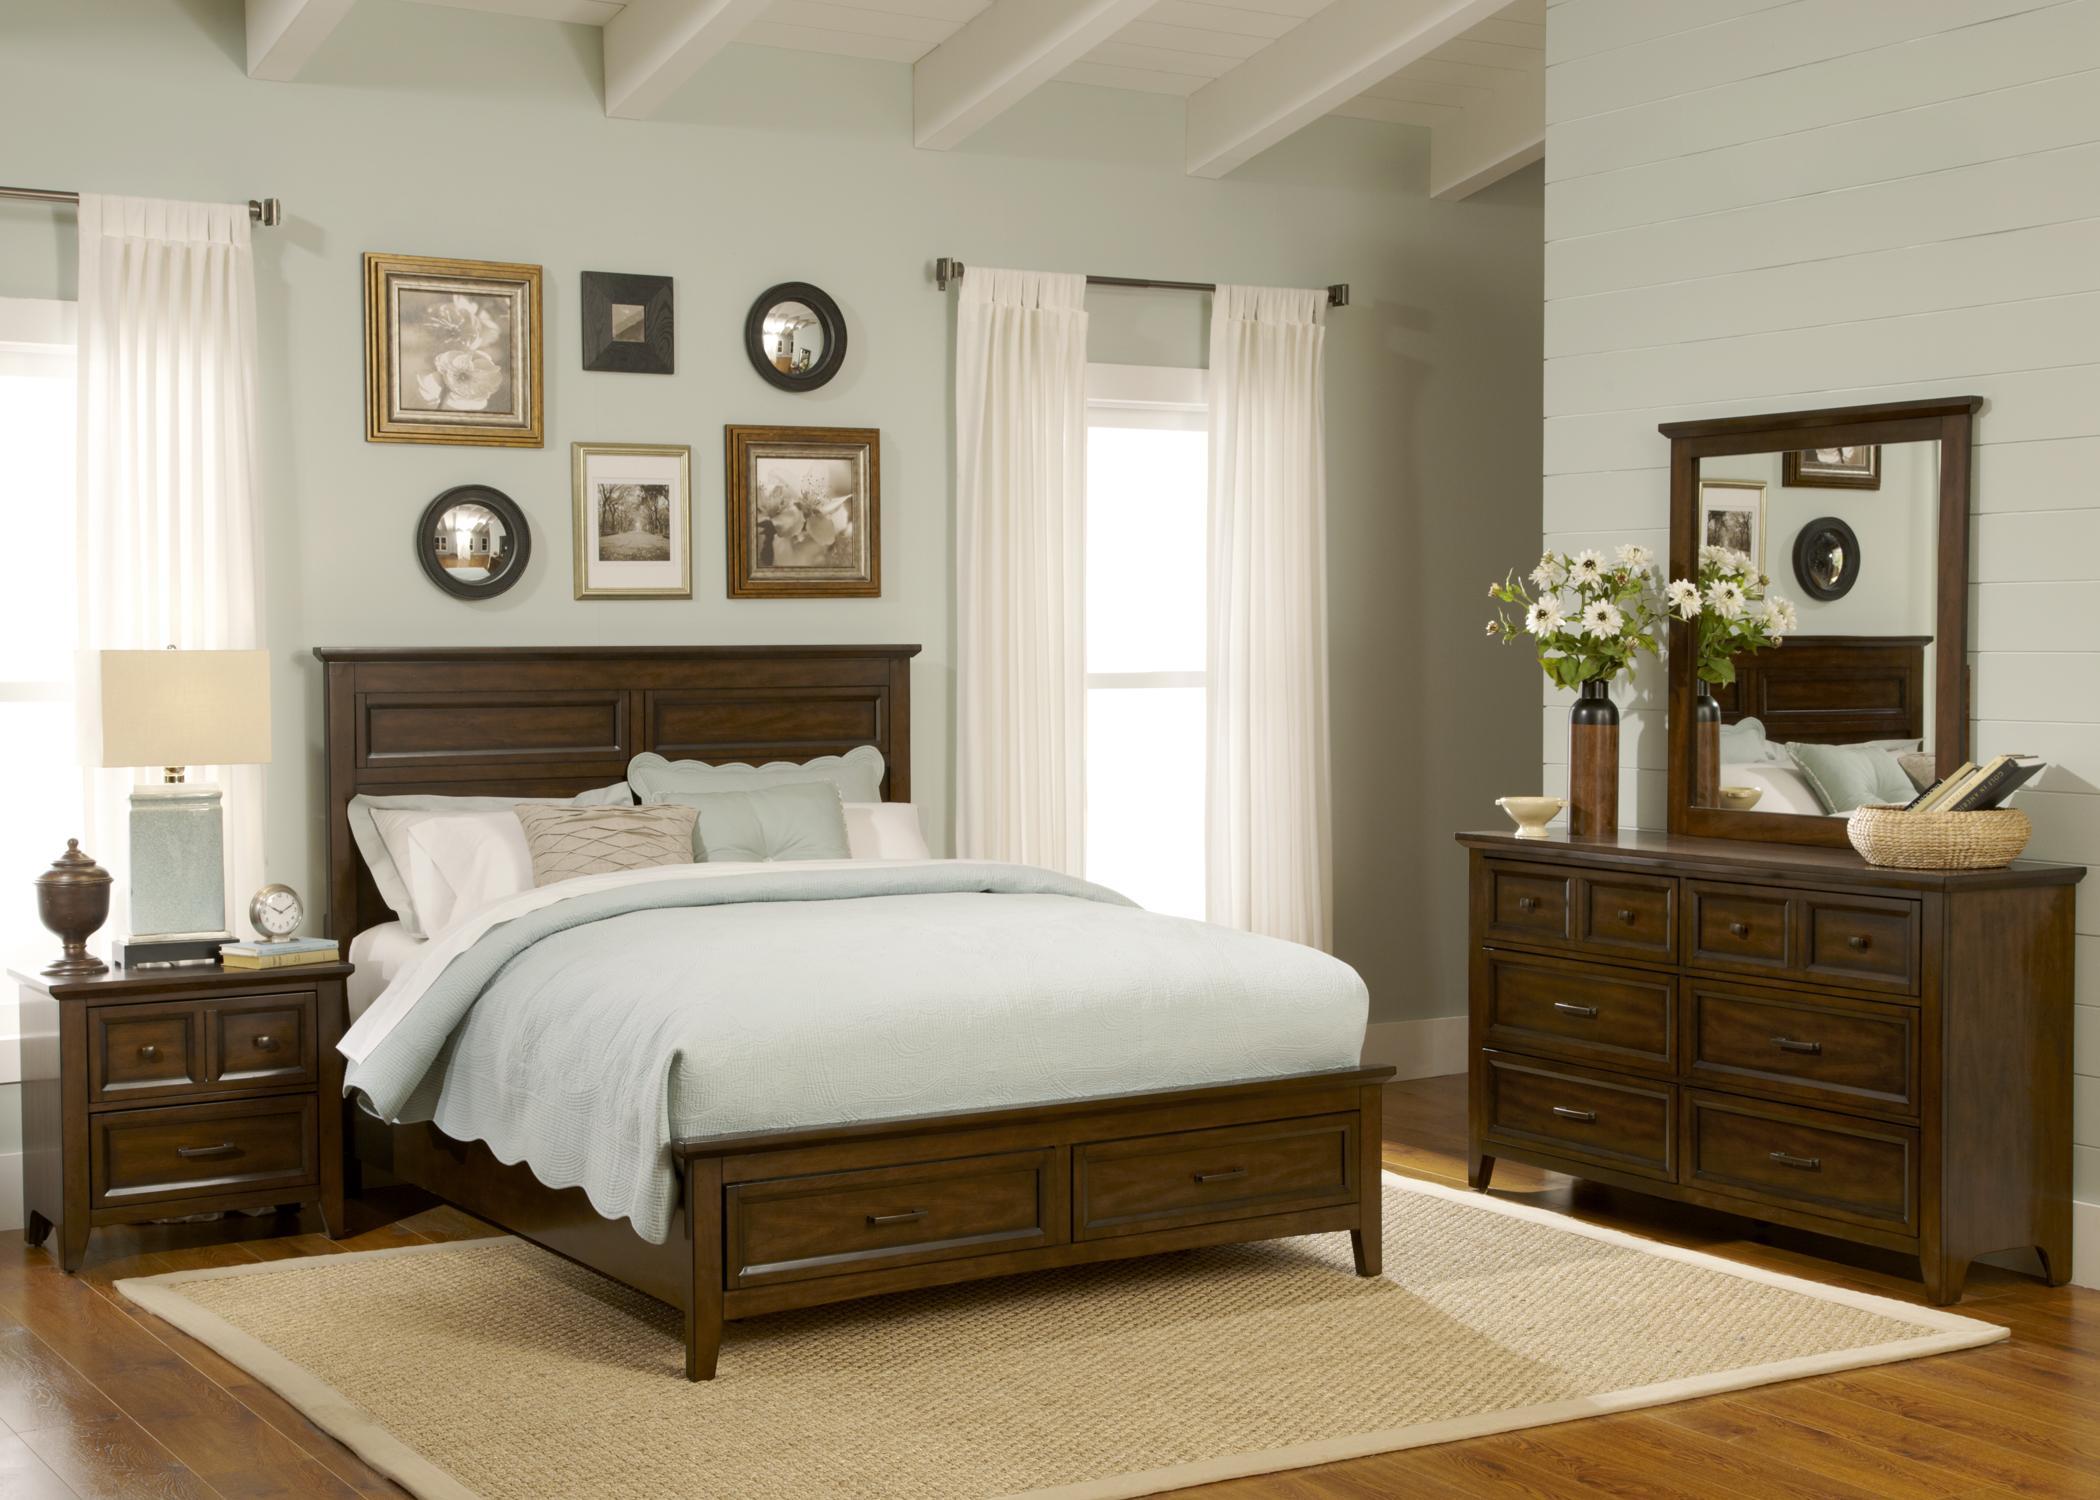 Liberty Furniture Laurel Creek Queen Bedroom Group 3 - Item Number: 461-BR-GP220